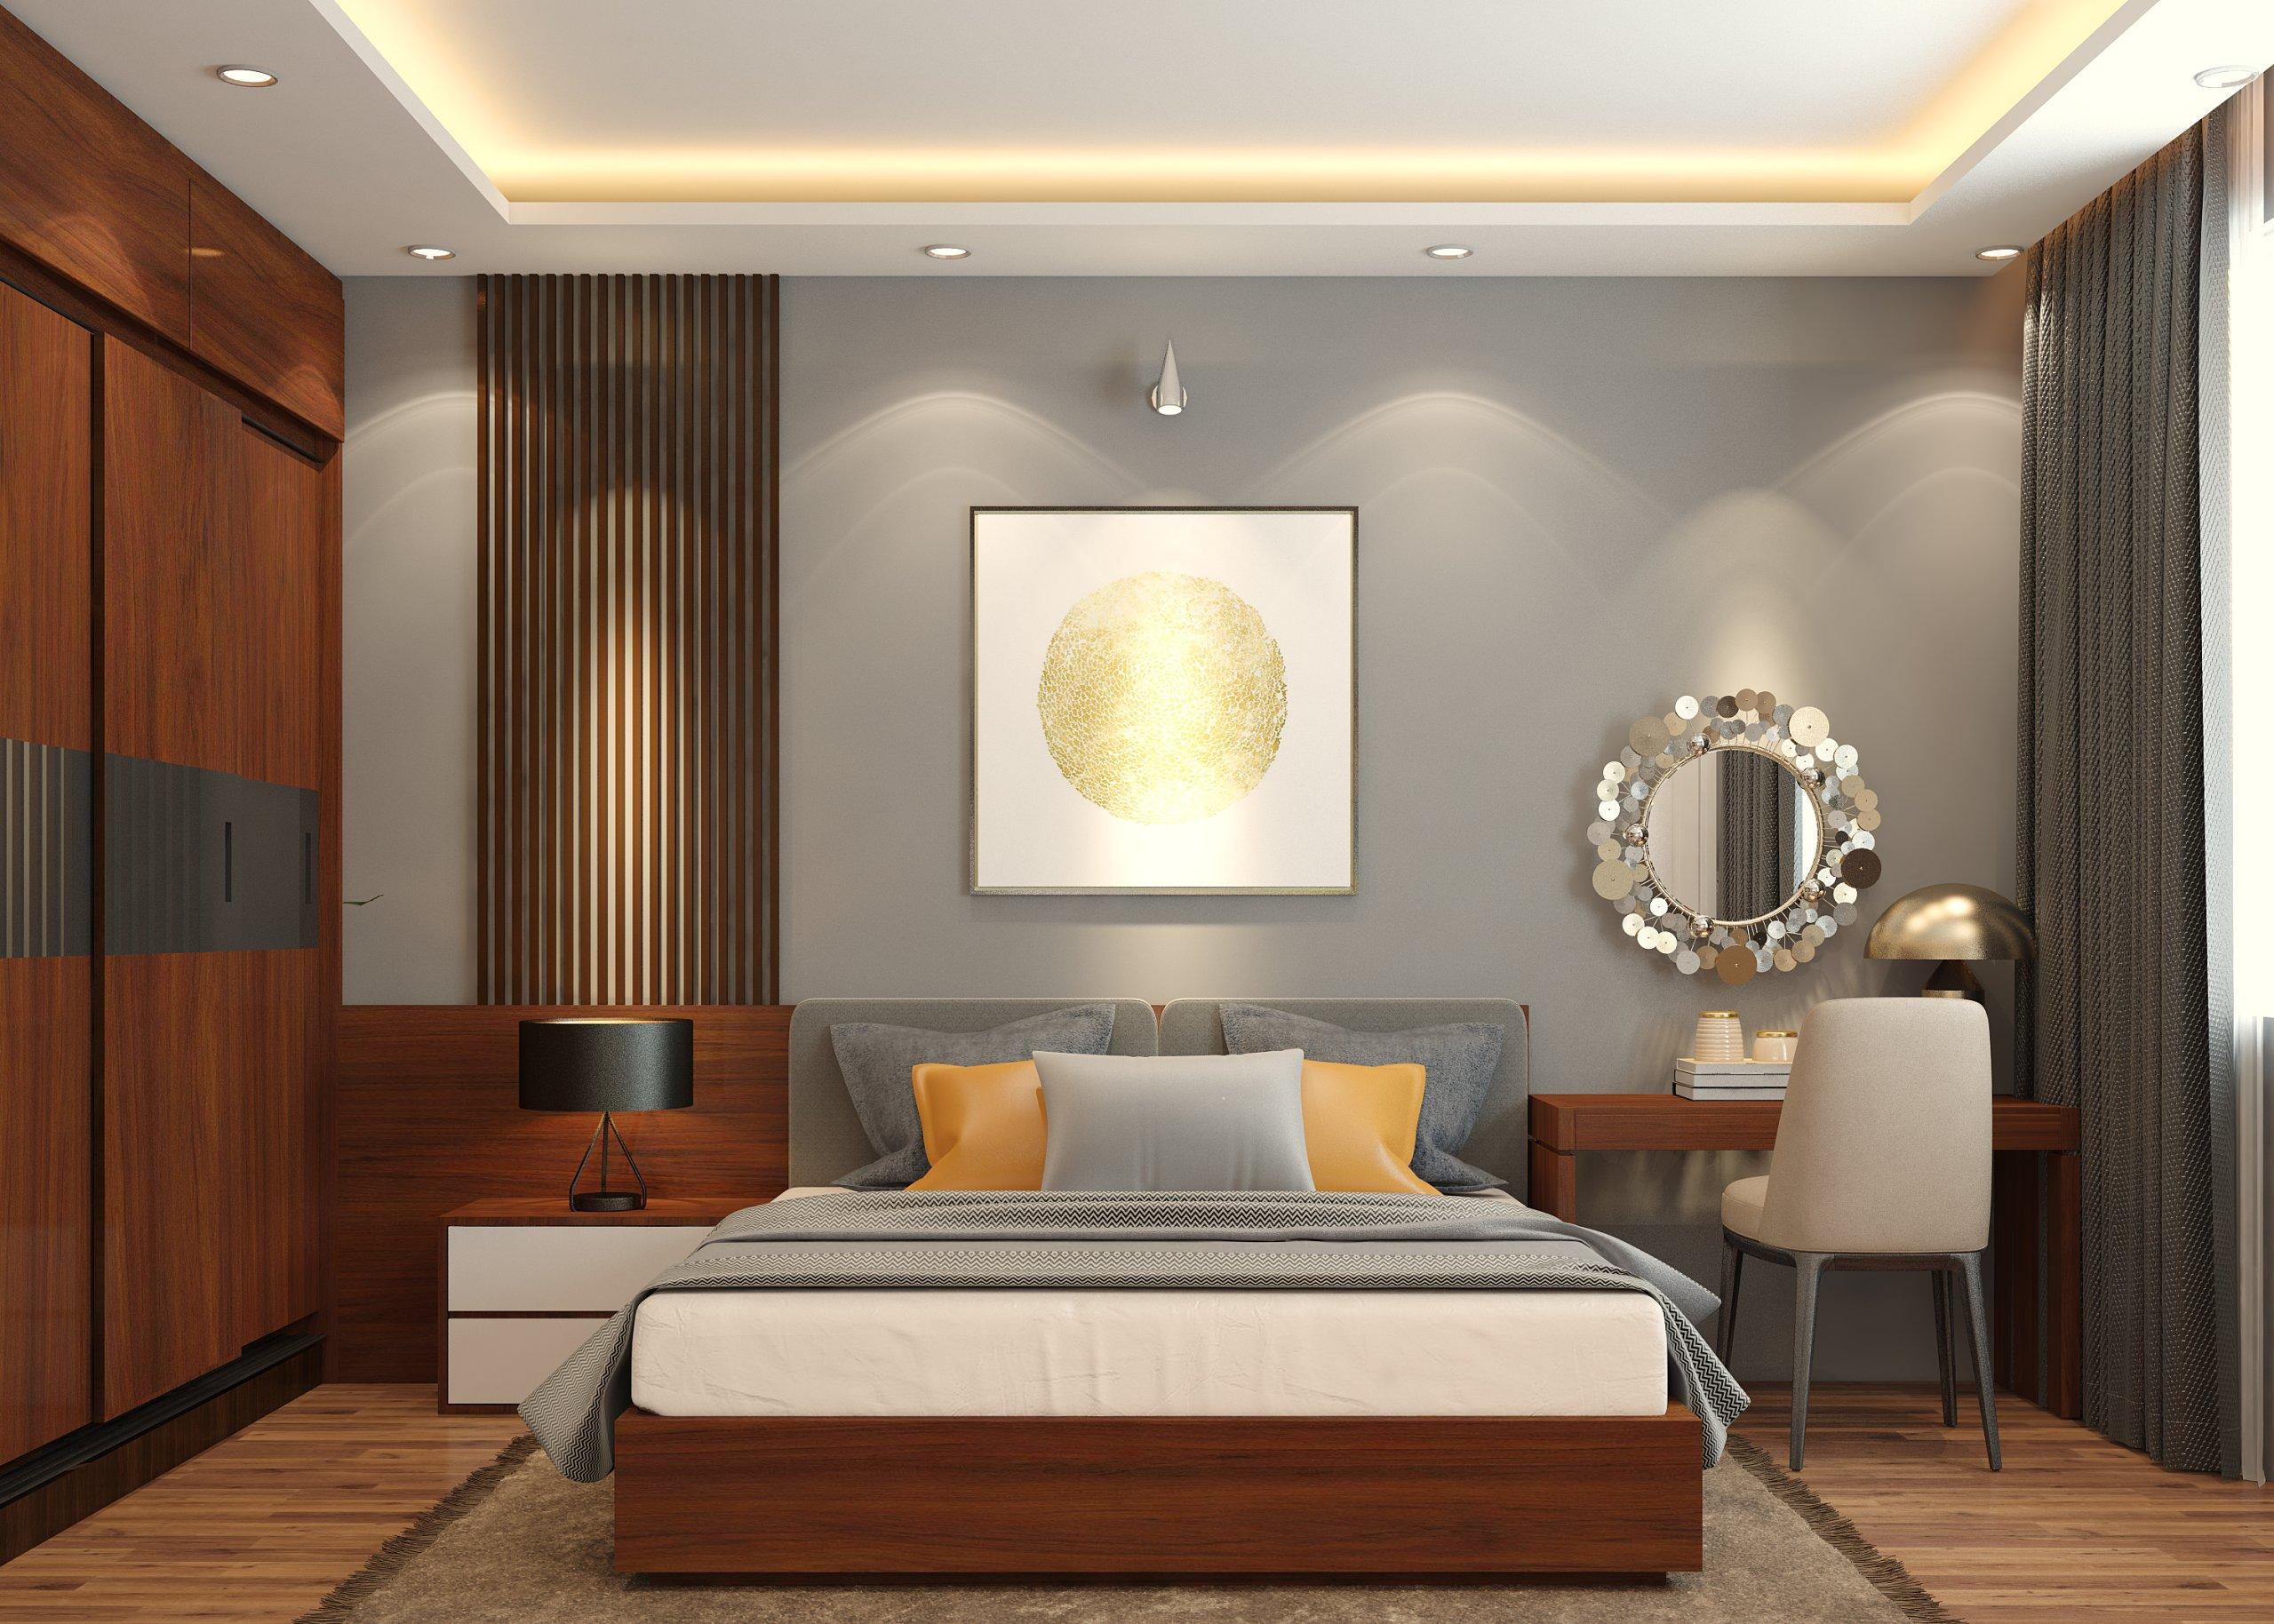 Thiết kế chung cư hai phòng ngủ theo phong cách hiện đại